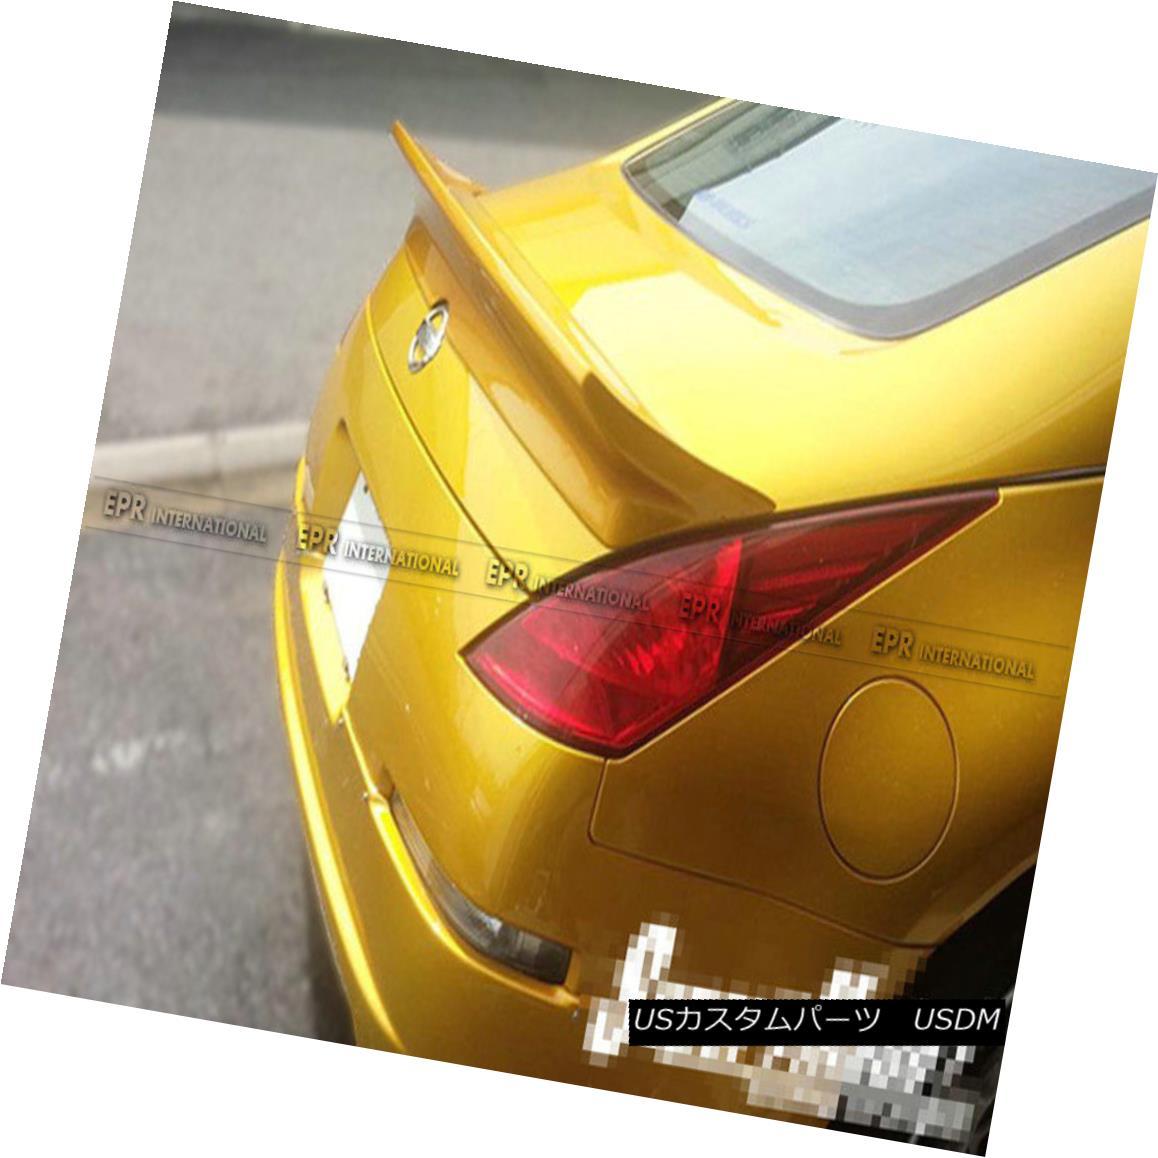 エアロパーツ AER Rear Trunk Spoiler Duckbill Wing Su-int-Gentleman For Nissan 350z Z33 FRP AERの後部トランク・スポイラーダックビル・ウィング・ス・イン・ジェントルム for Nissan 350z Z33 FRP